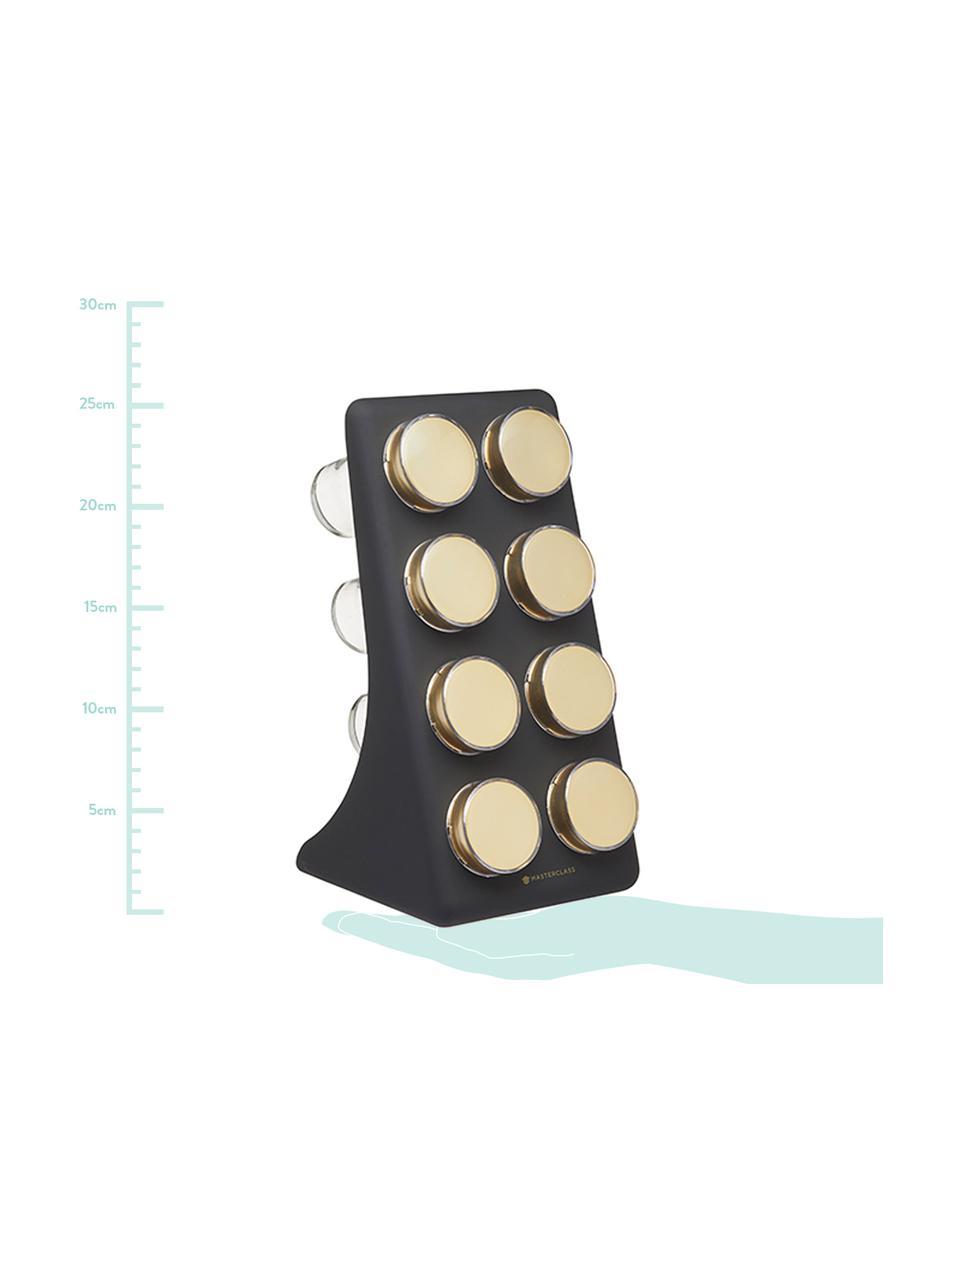 Gewürzregal Master Class mit Gewürzdosen in Schwarz/Gold, 9-tlg., Halterung: Kunststoff, Behälter: Glas, Metall, beschichtet, Schwarz, Messingfarben, 13 x 26 cm